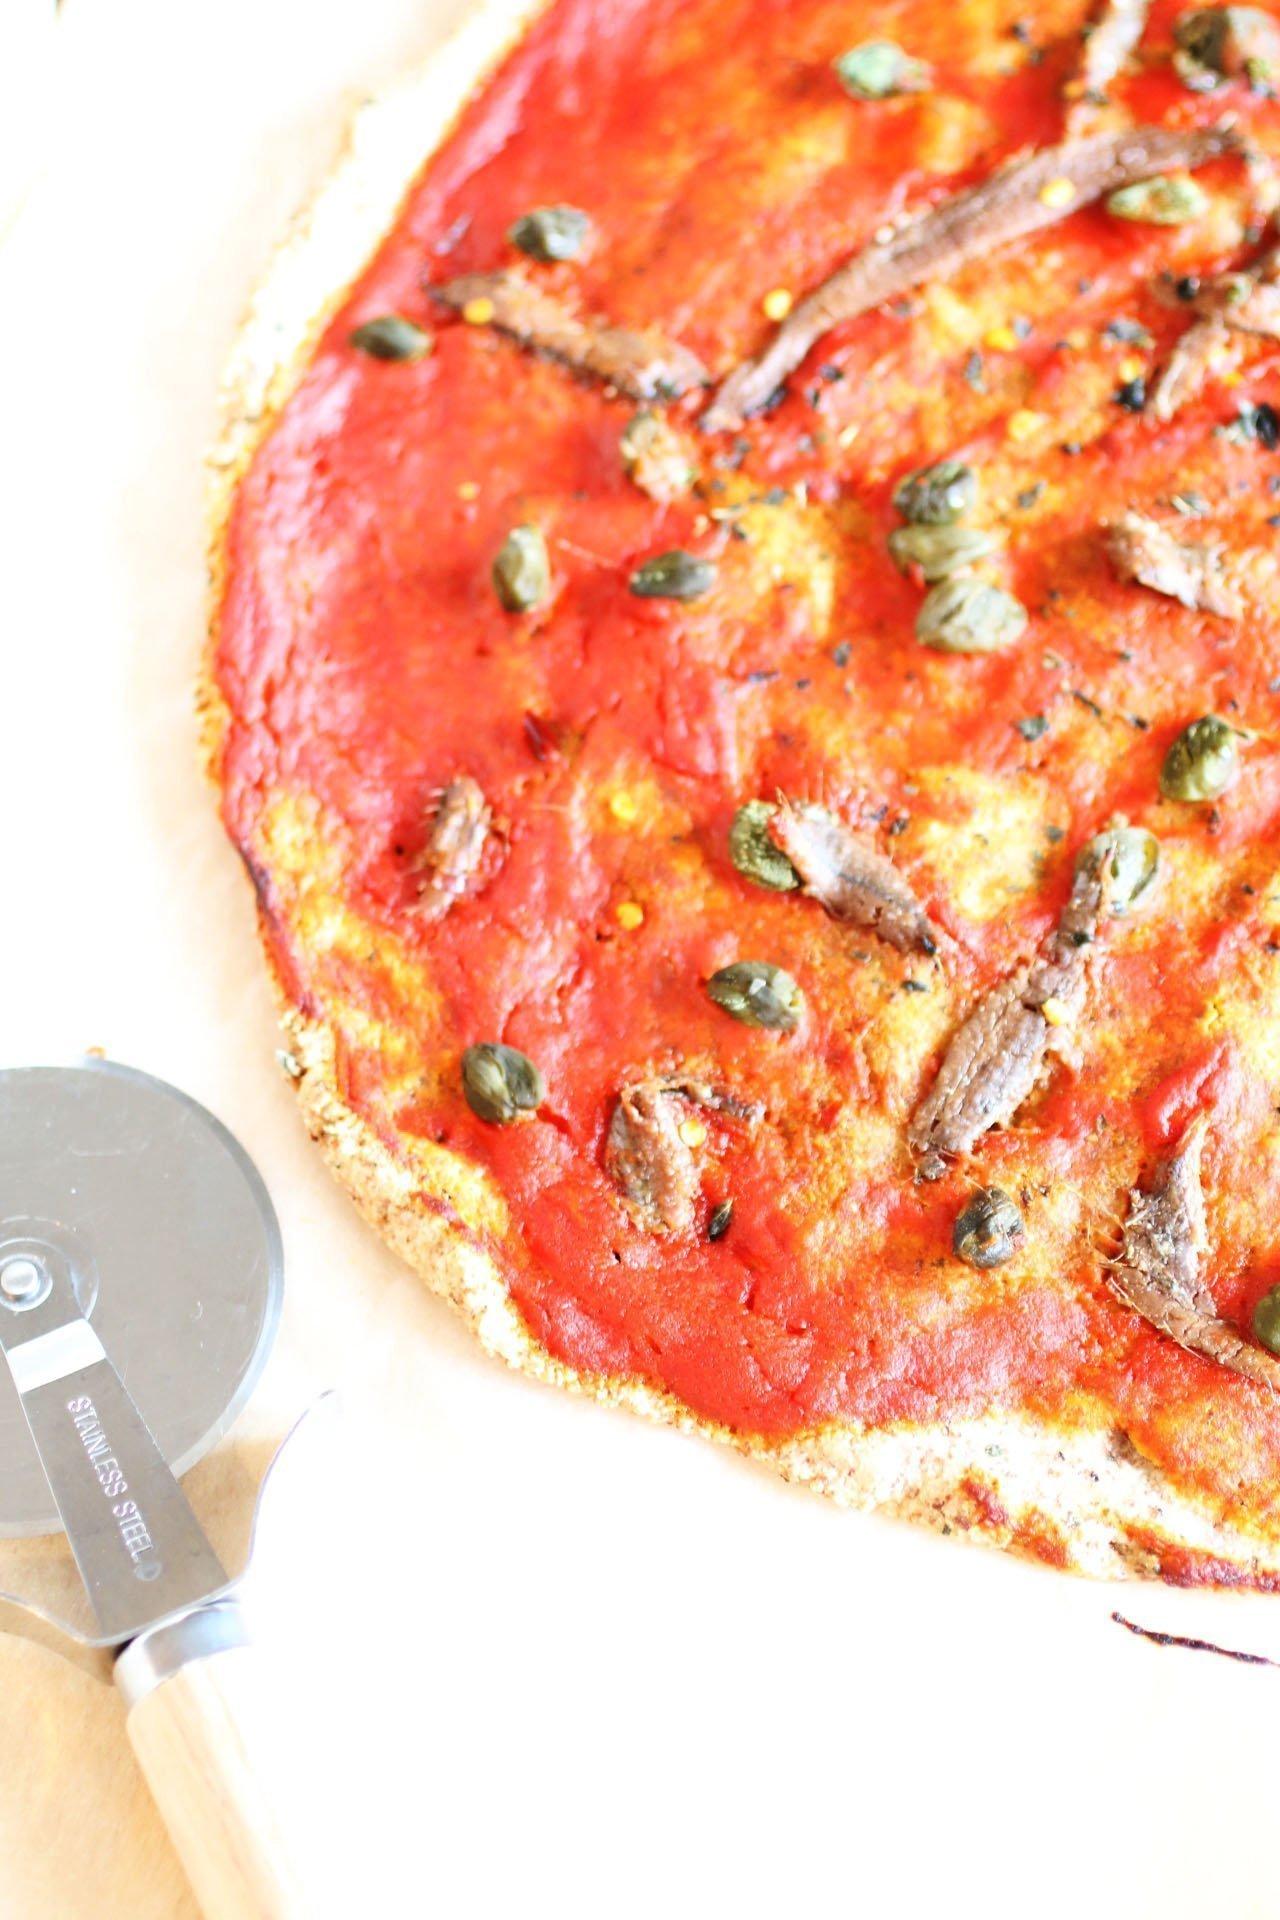 Pizza Senza Glutine e Lievito alla Napoletana